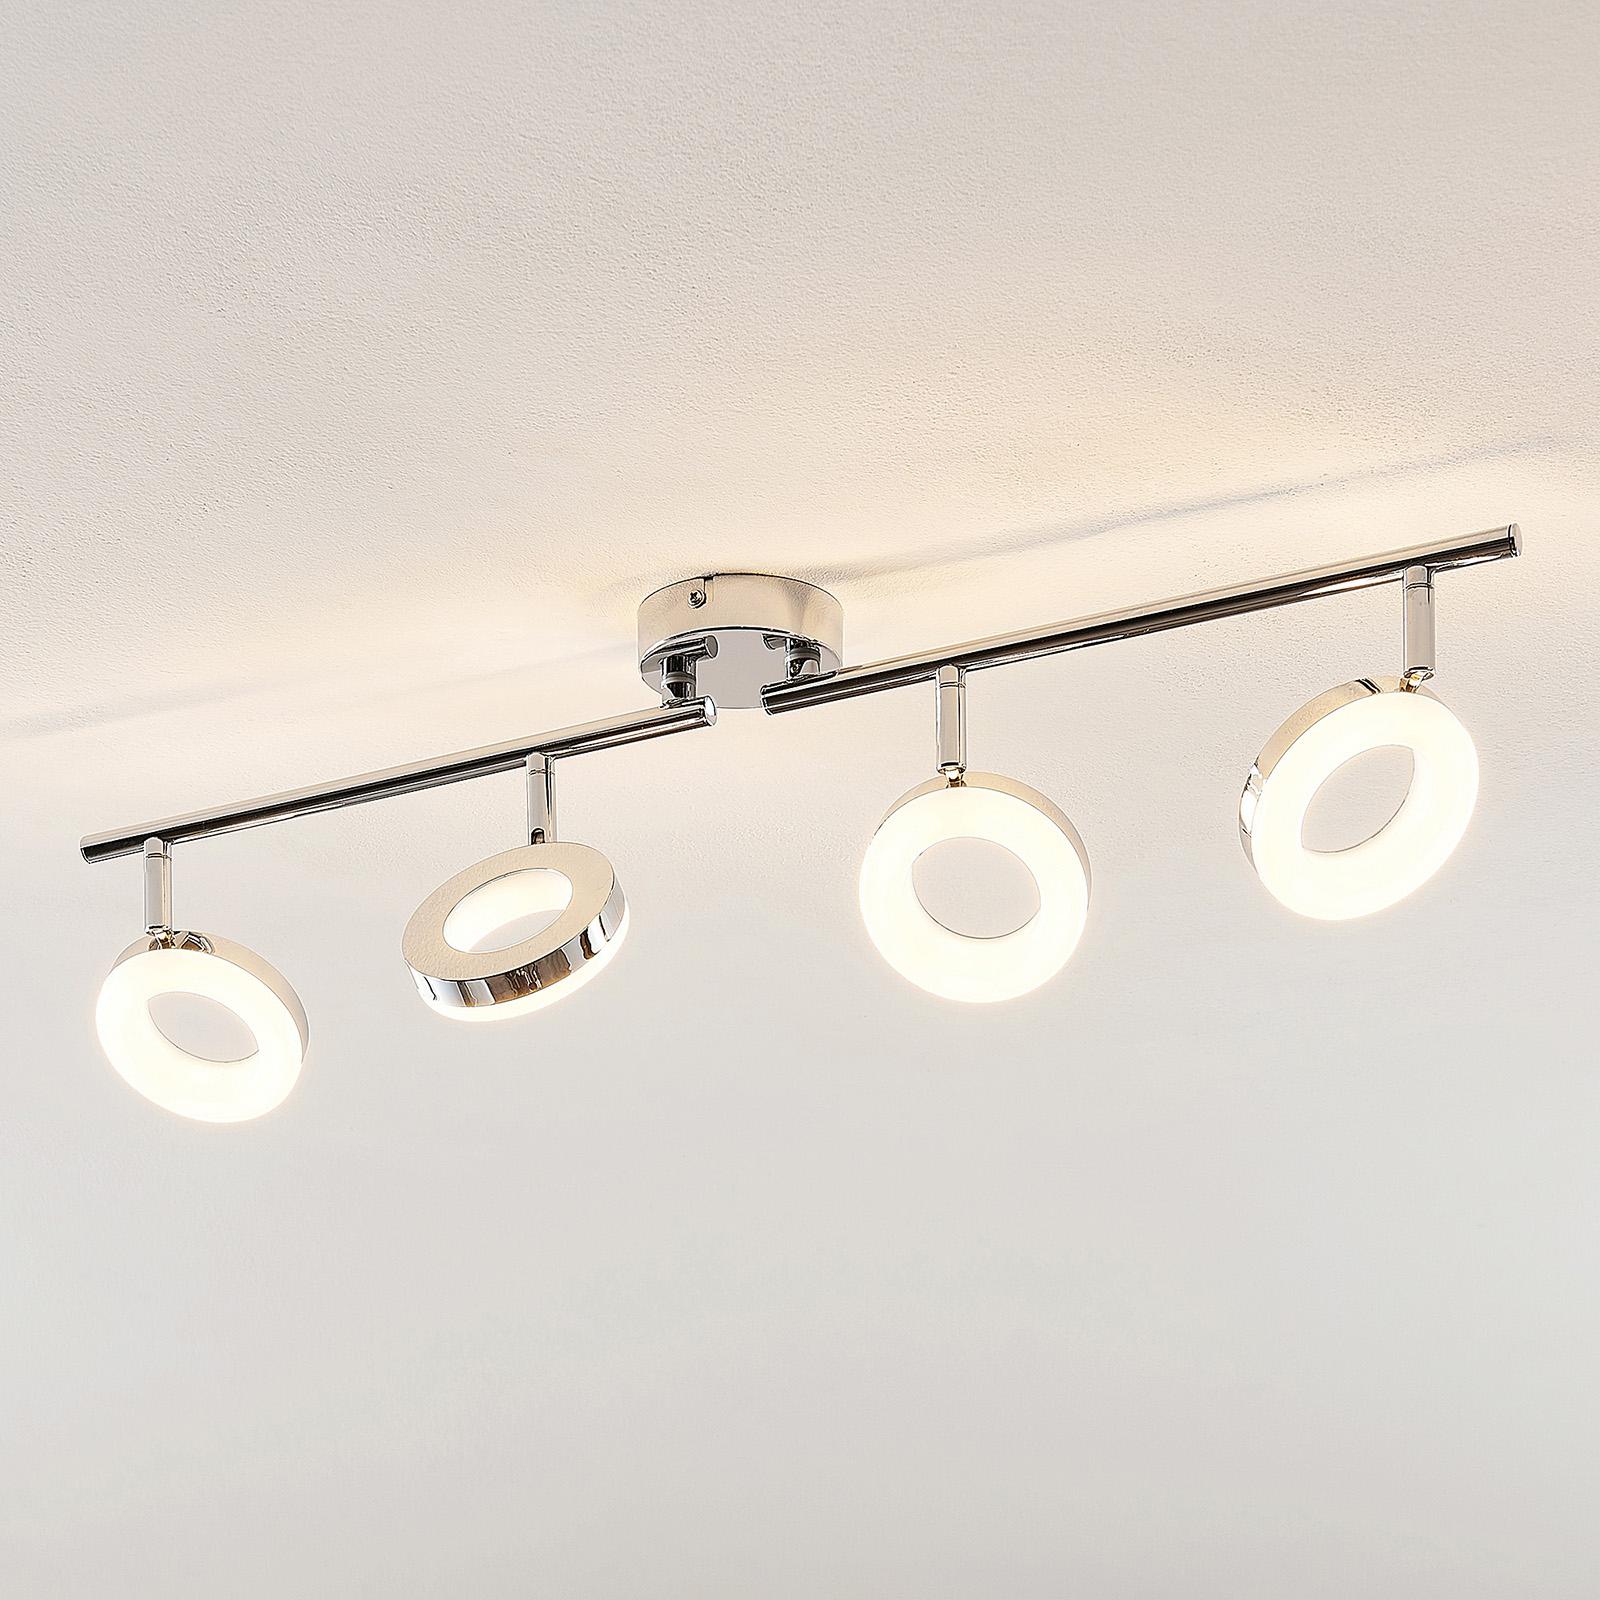 ELC Tioklia LED-taklampe, krom, 4 lyskilder